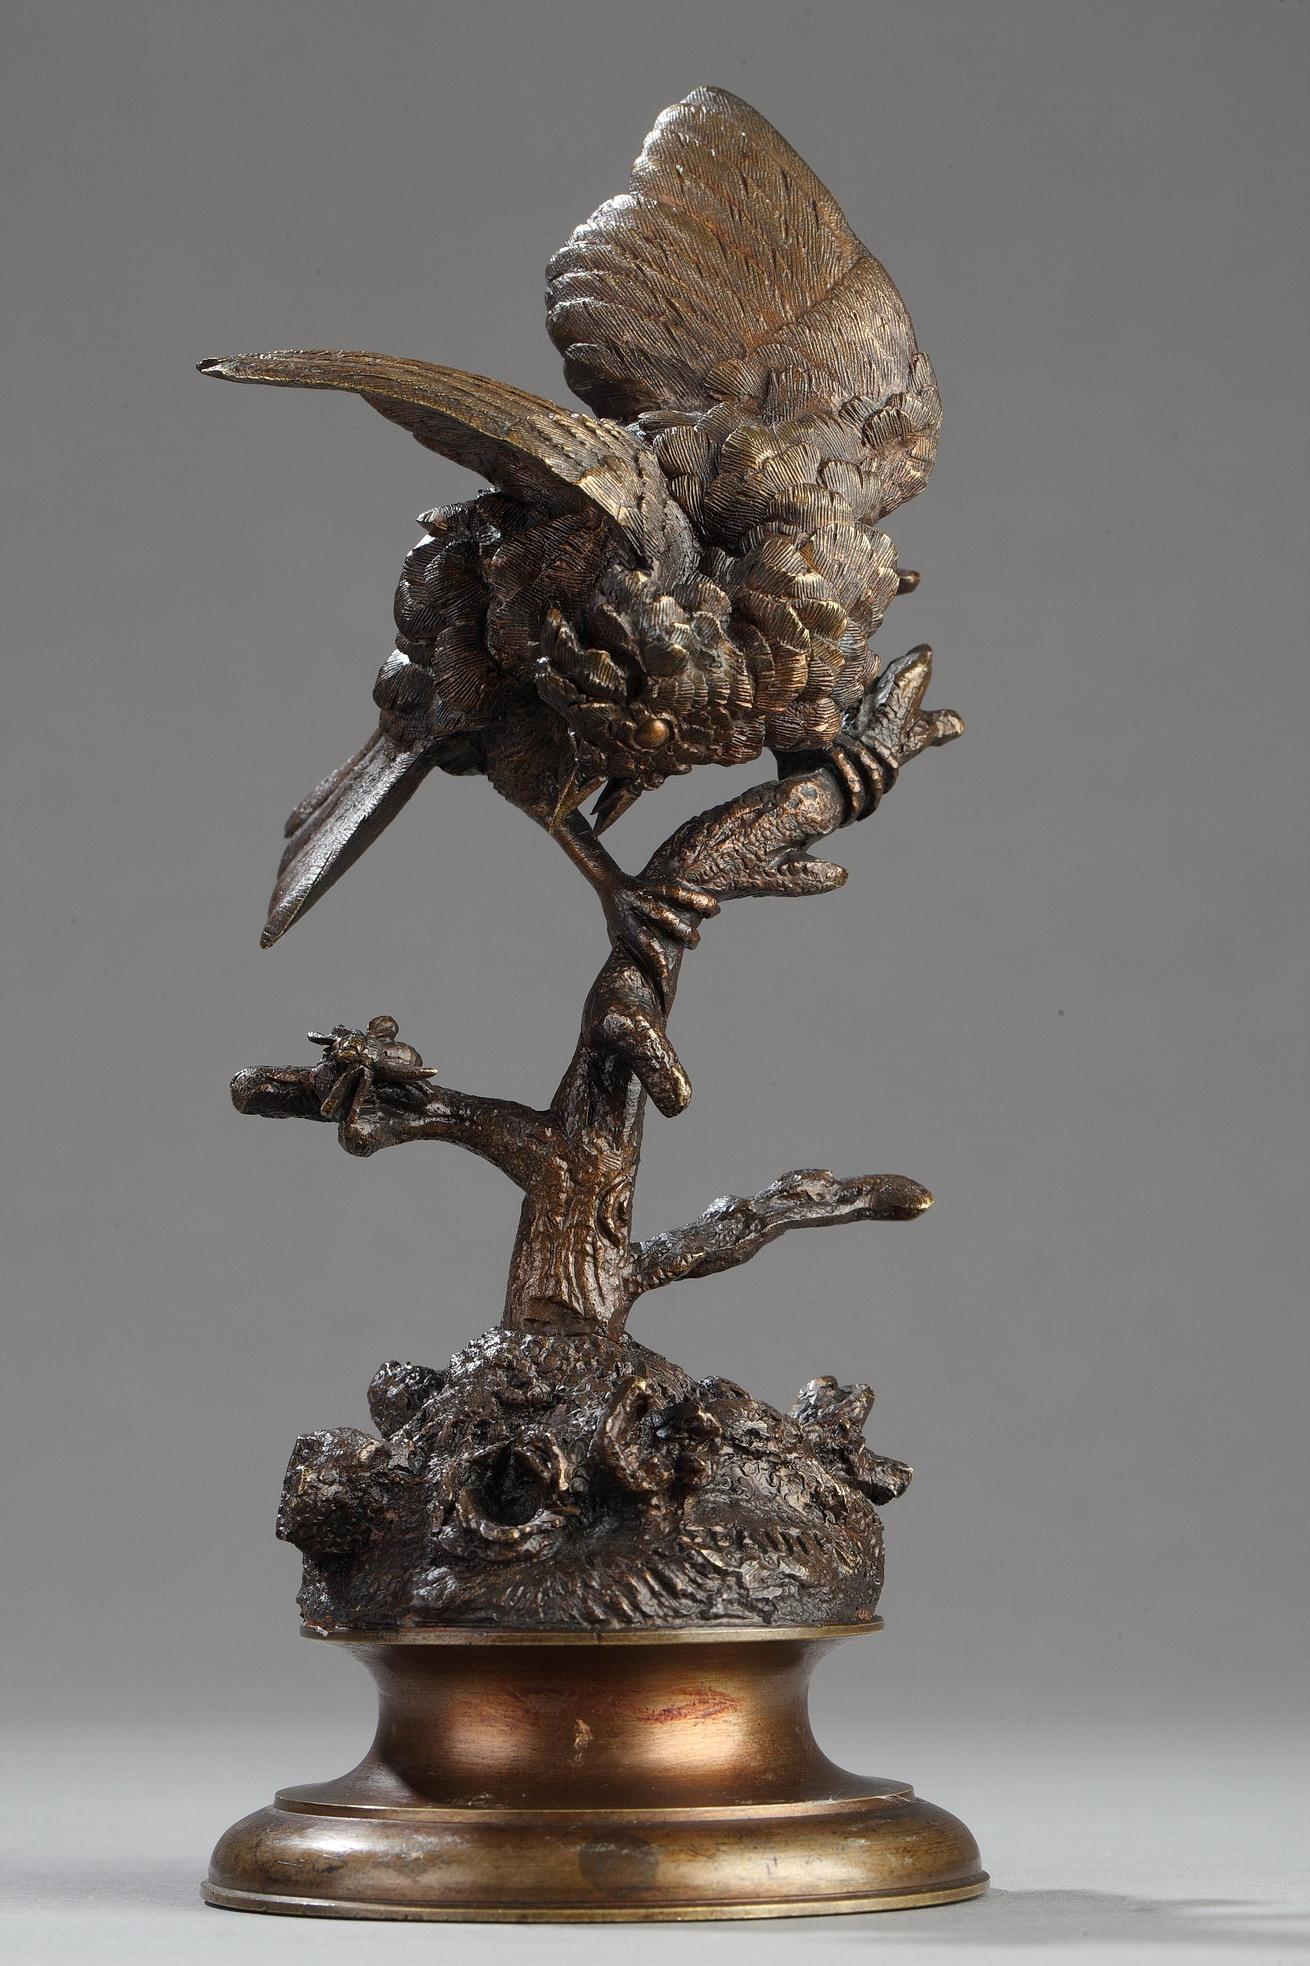 Ferdinand Pautrot (1832-1874), Oiseau sur une branche, bronze à patine mordoré nuancé, Tahan, haut. 18 cm. sculptures - galerie Tourbillon, Paris